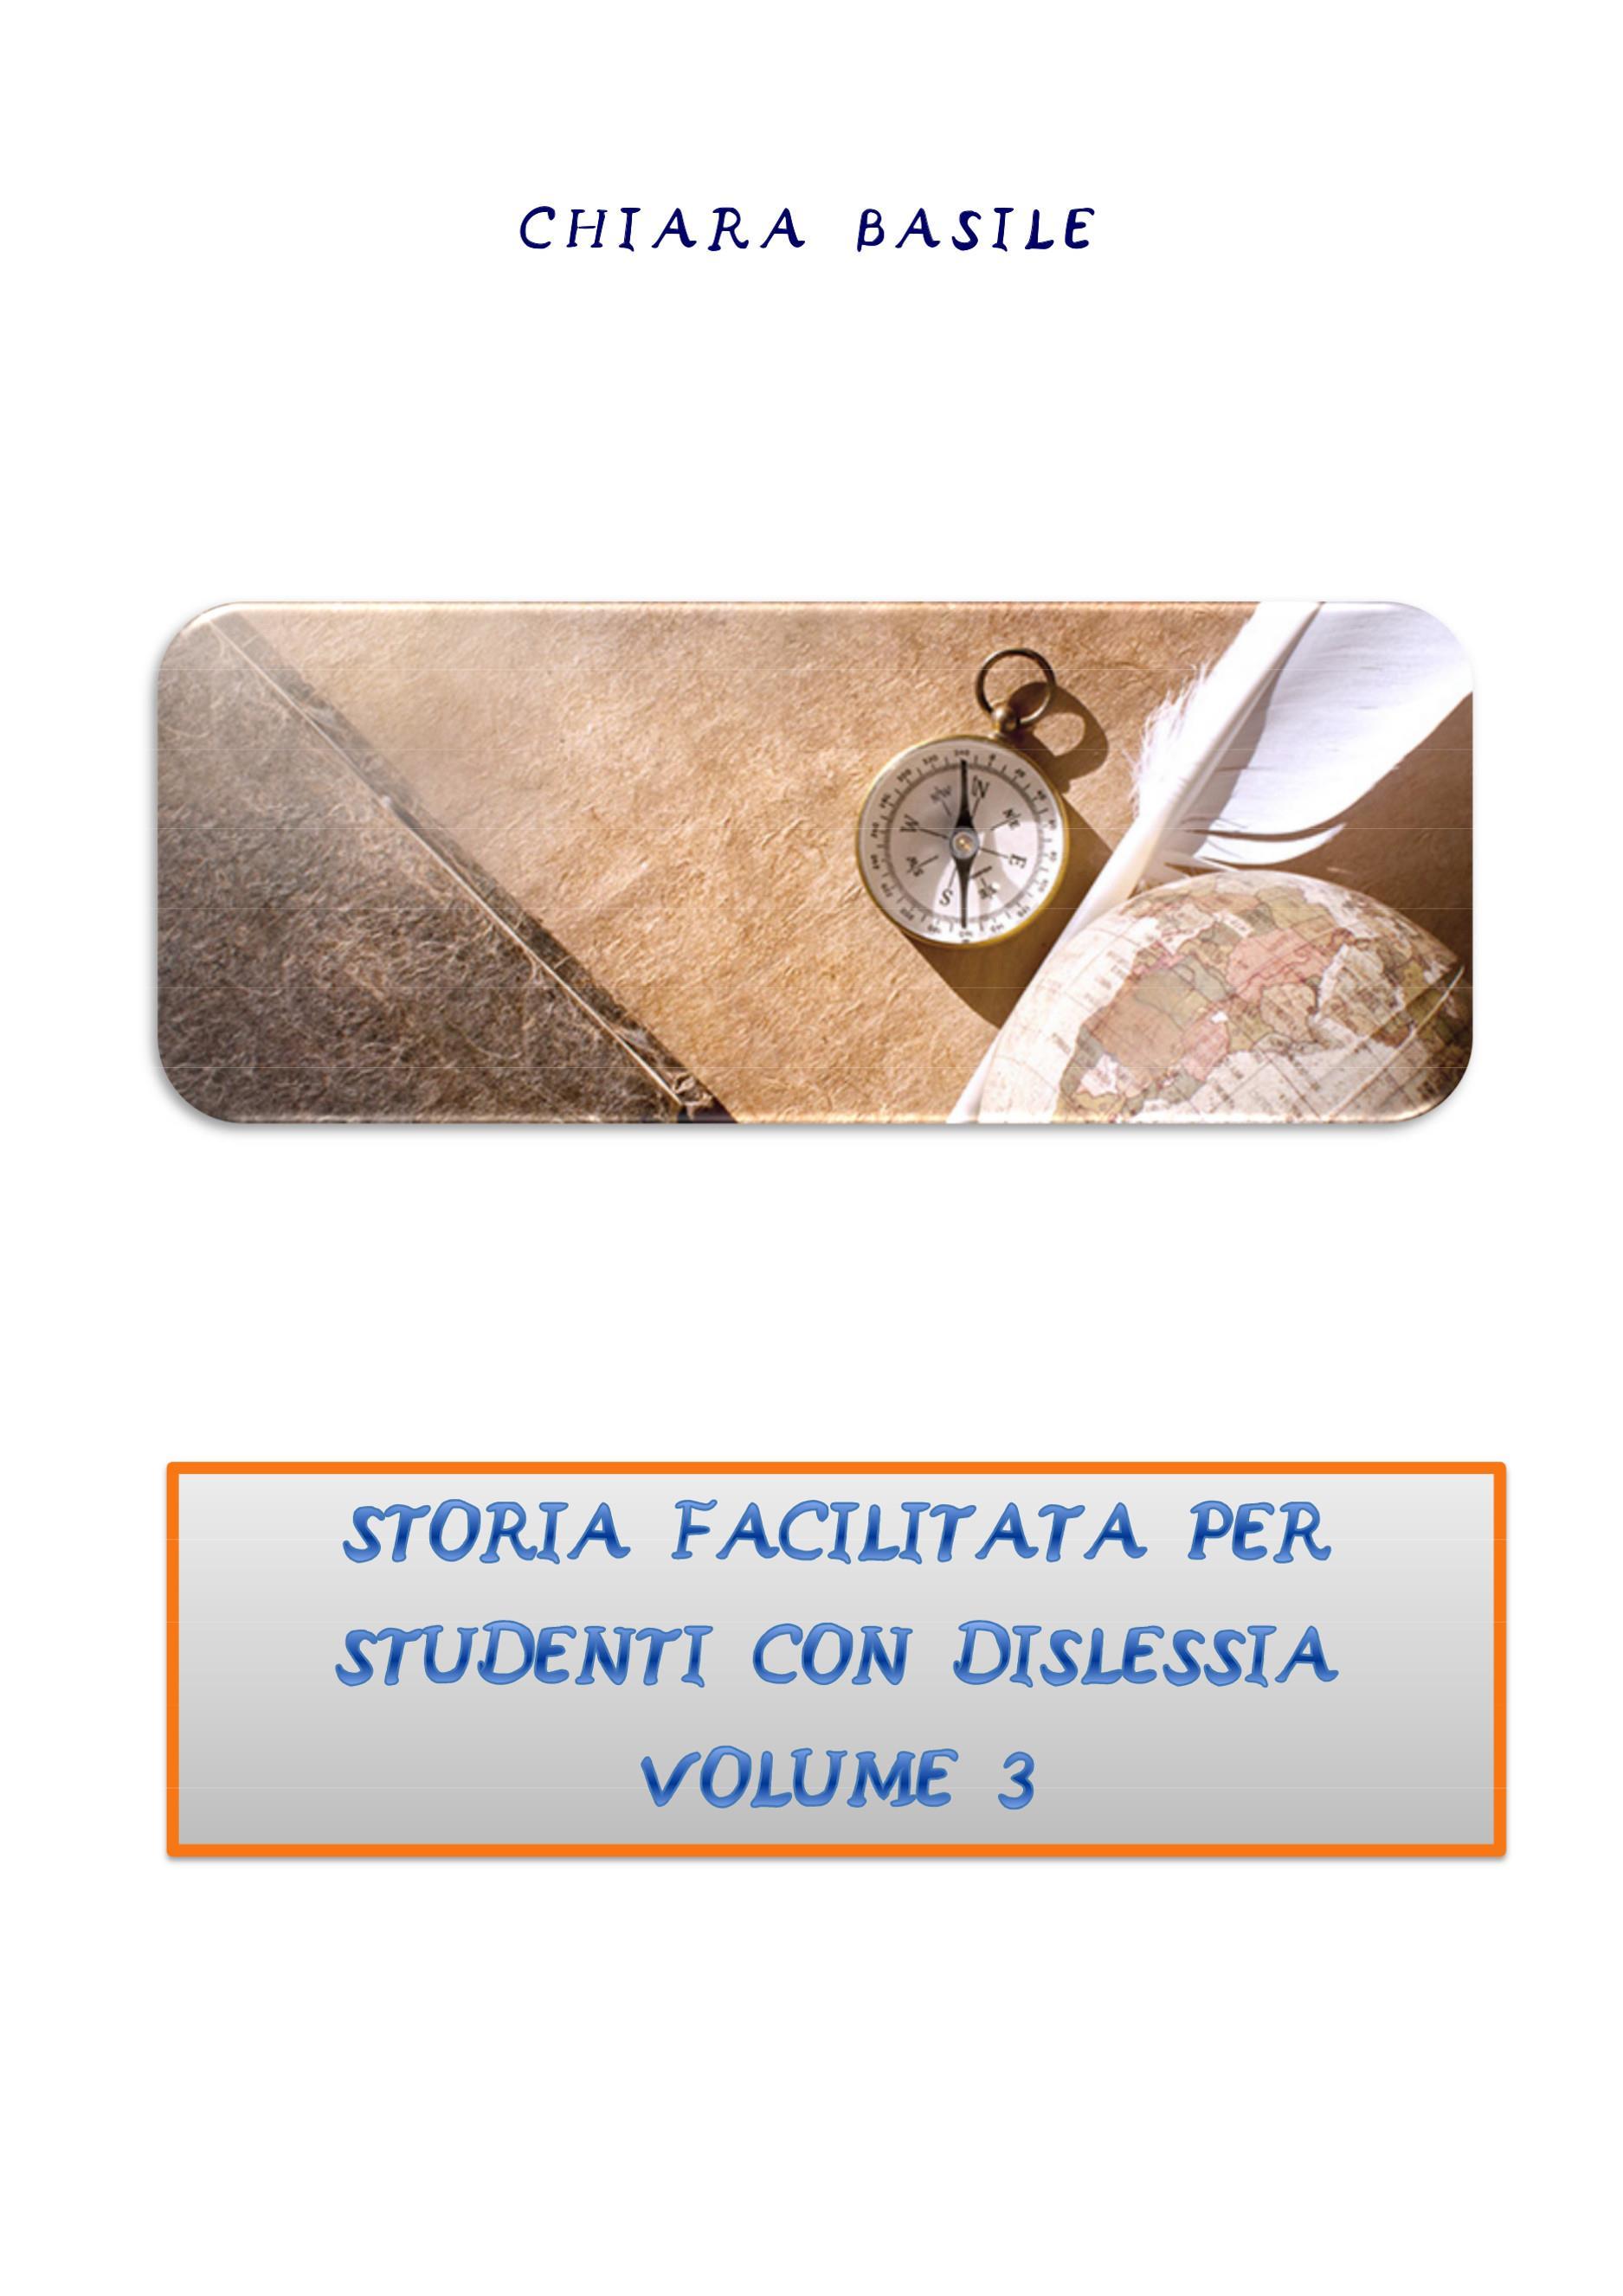 Storia facilitata per studenti con dislessia. Volume 3